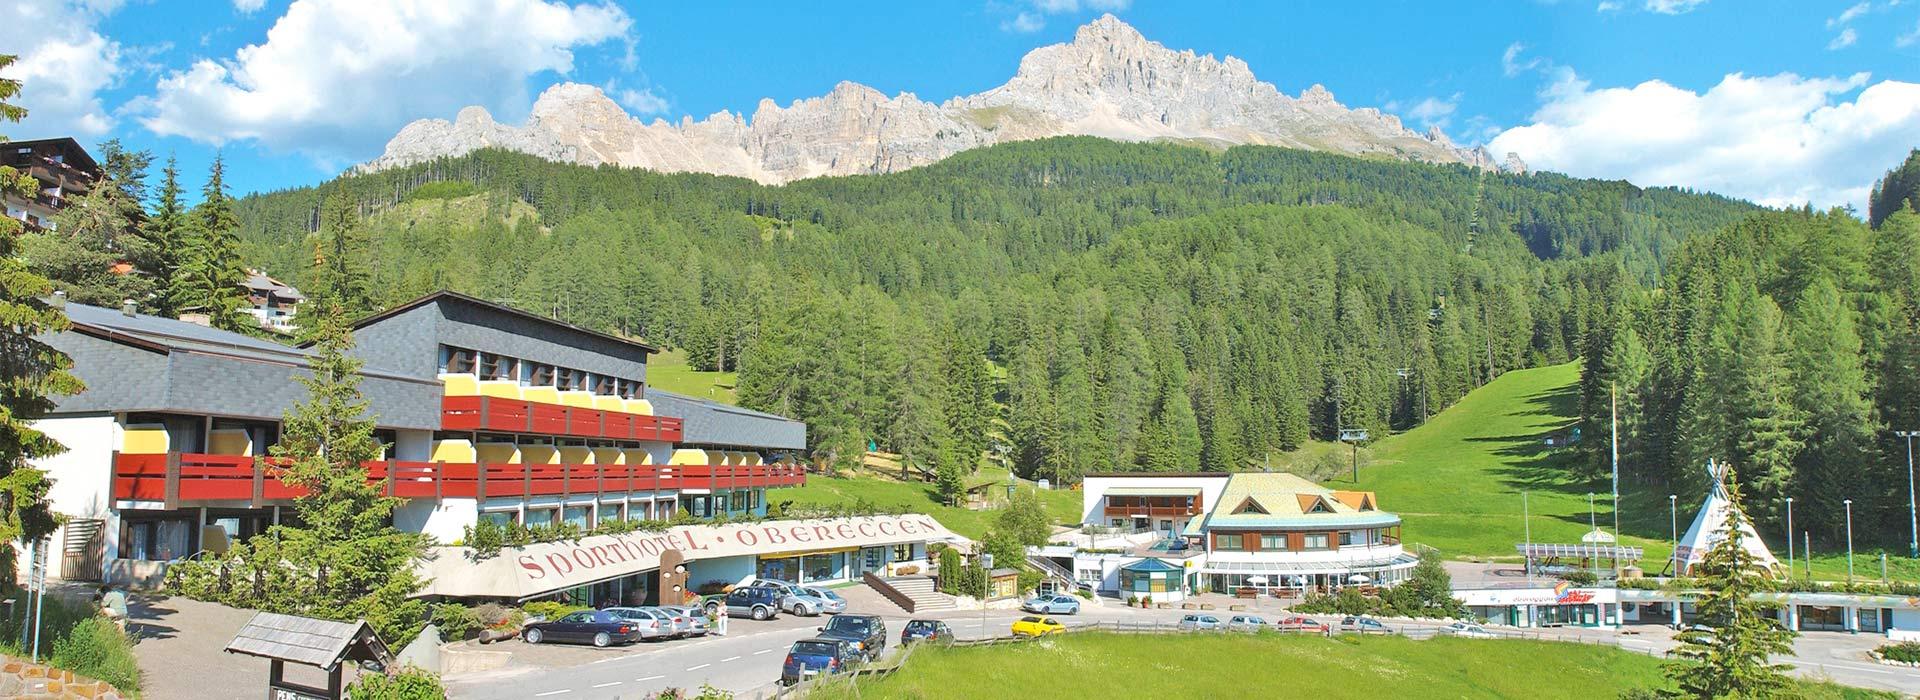 Miglior prezzo Sporthotel Obereggen - Obereggen - Trentino ...